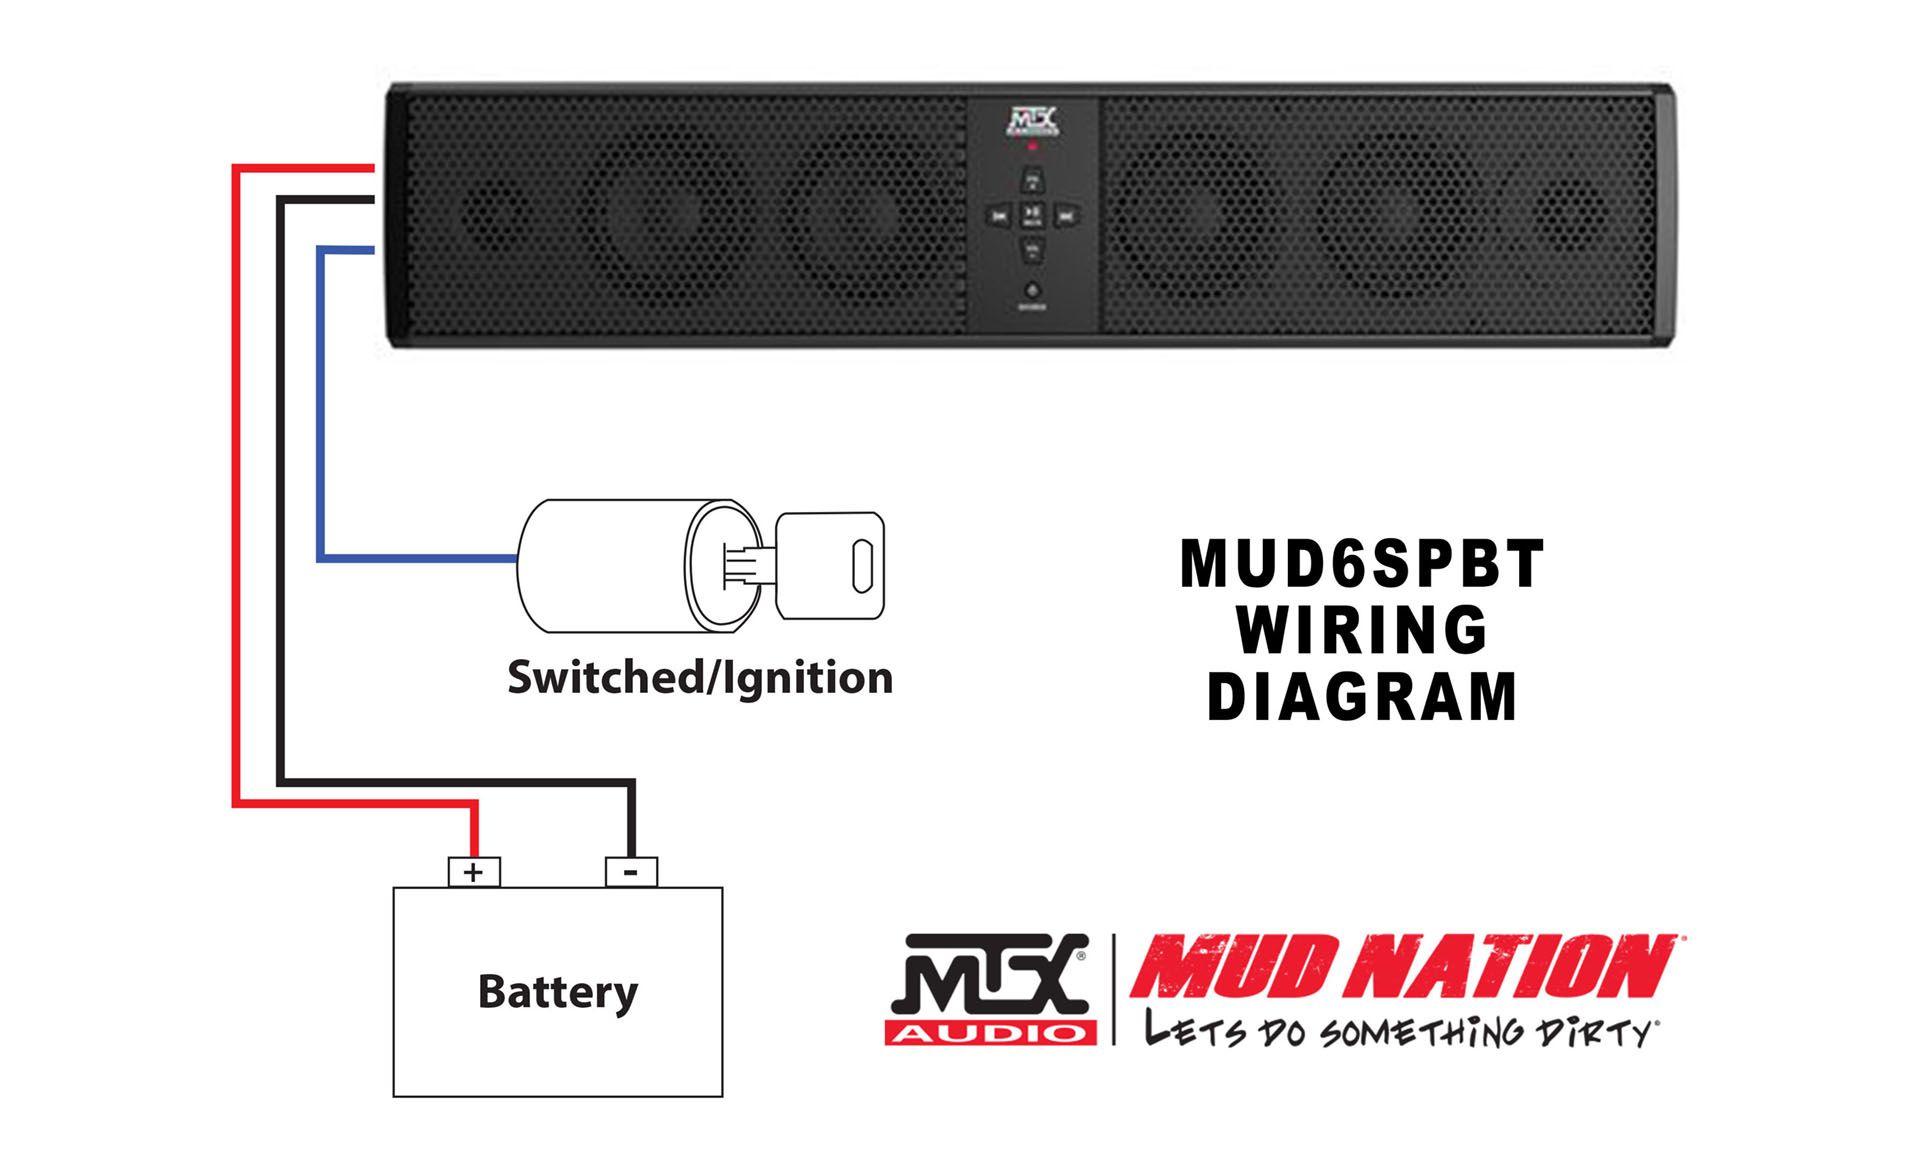 jeep sound bar installation, vizio sound bar wiring diagram, ilive sound bar wiring diagram, sony sound bar wiring diagram, jeep sound bar lights, jeep sound bar speaker size, soundbar wiring diagram, jeep sound bar cover, on jeep tj sound bar wiring diagram